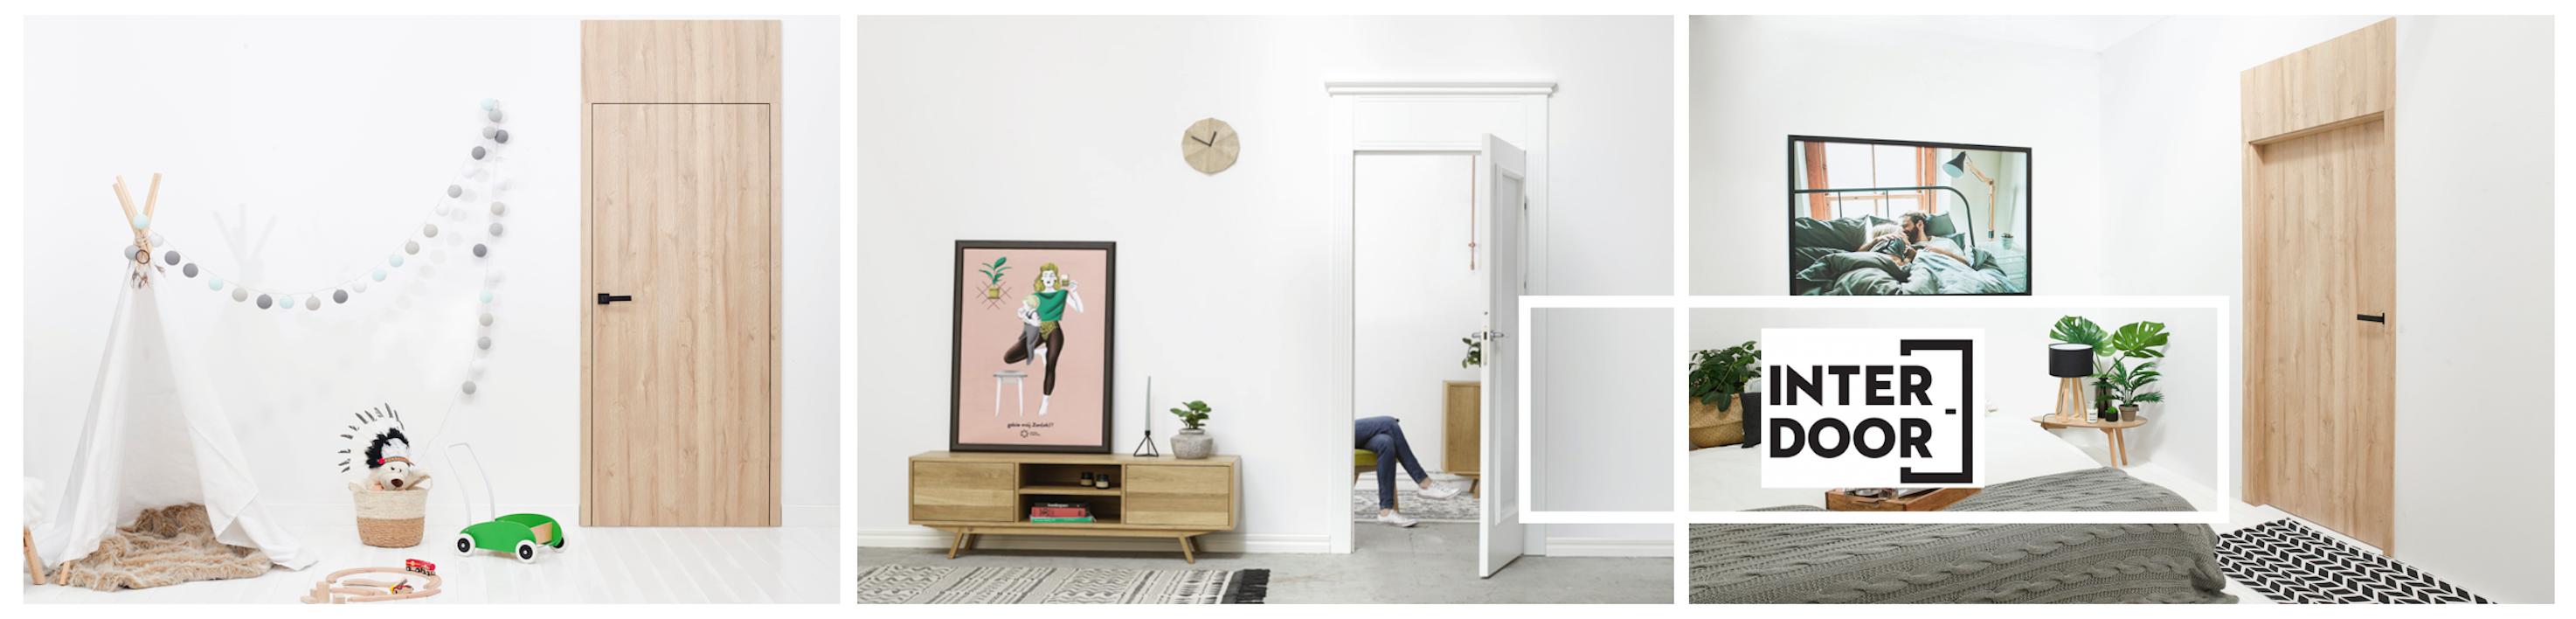 inter_door_gama_design